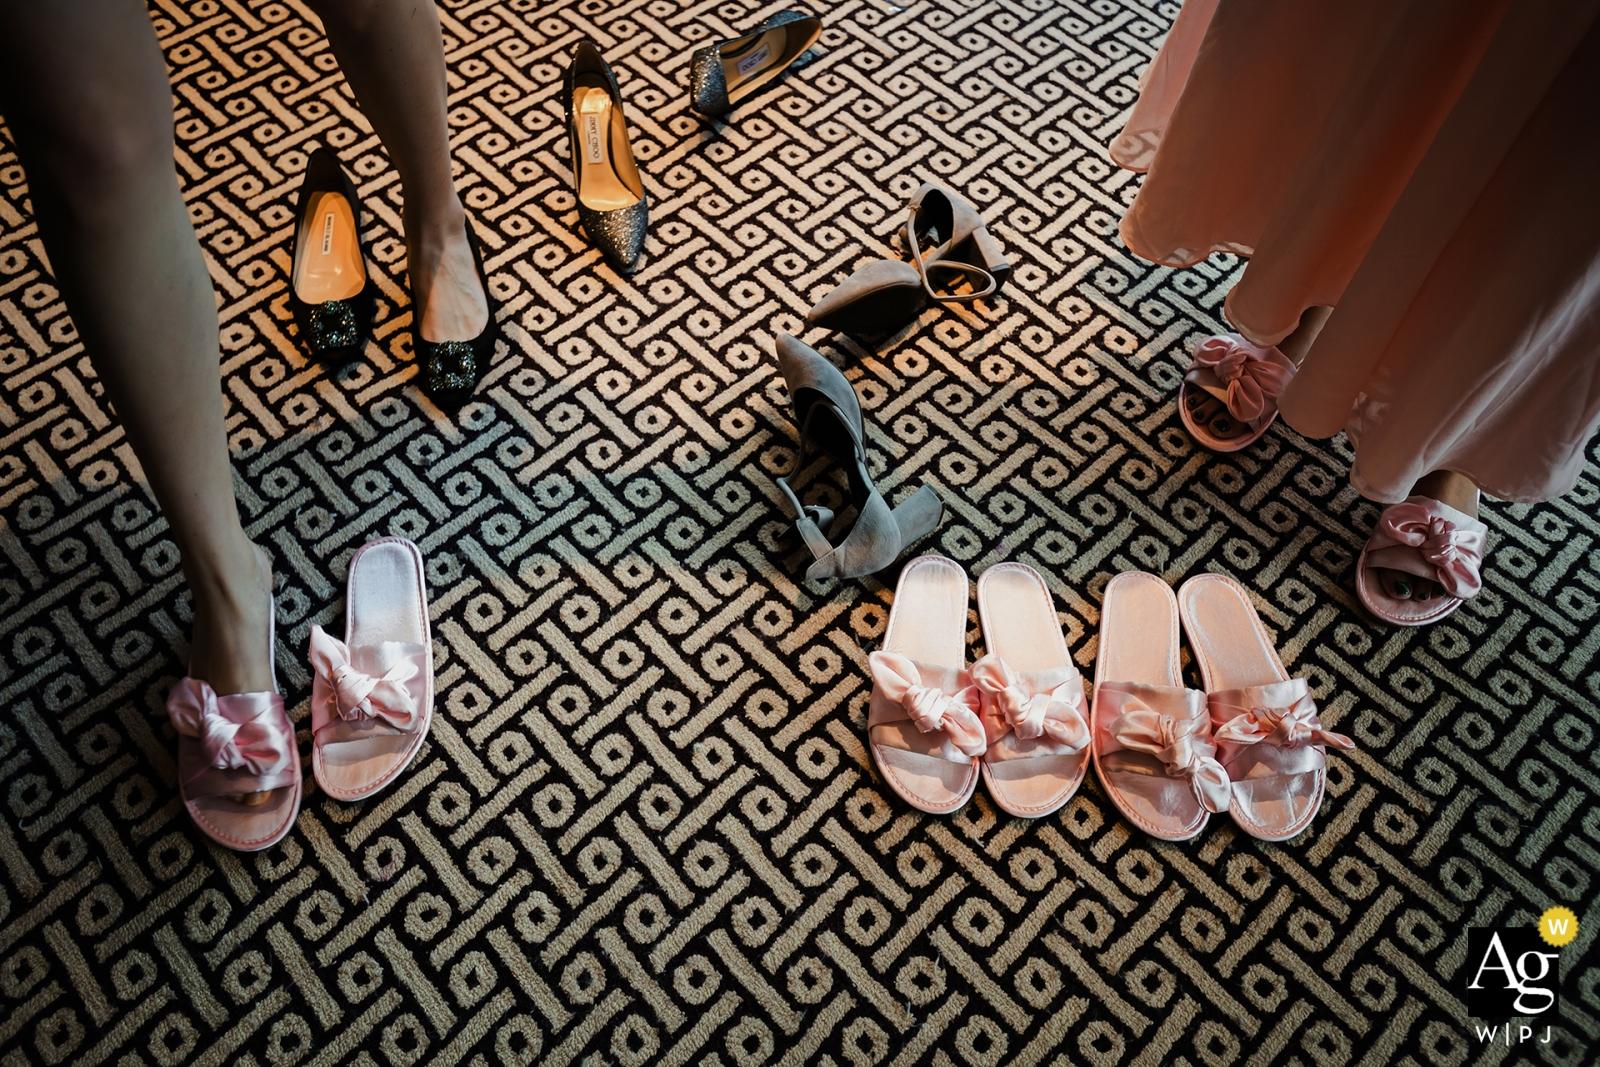 Fotograf ślubny Xiang Liu znieruchomiał w tym szczegółowym ujęciu butów damskich porzuconych przez właścicieli dla kapci